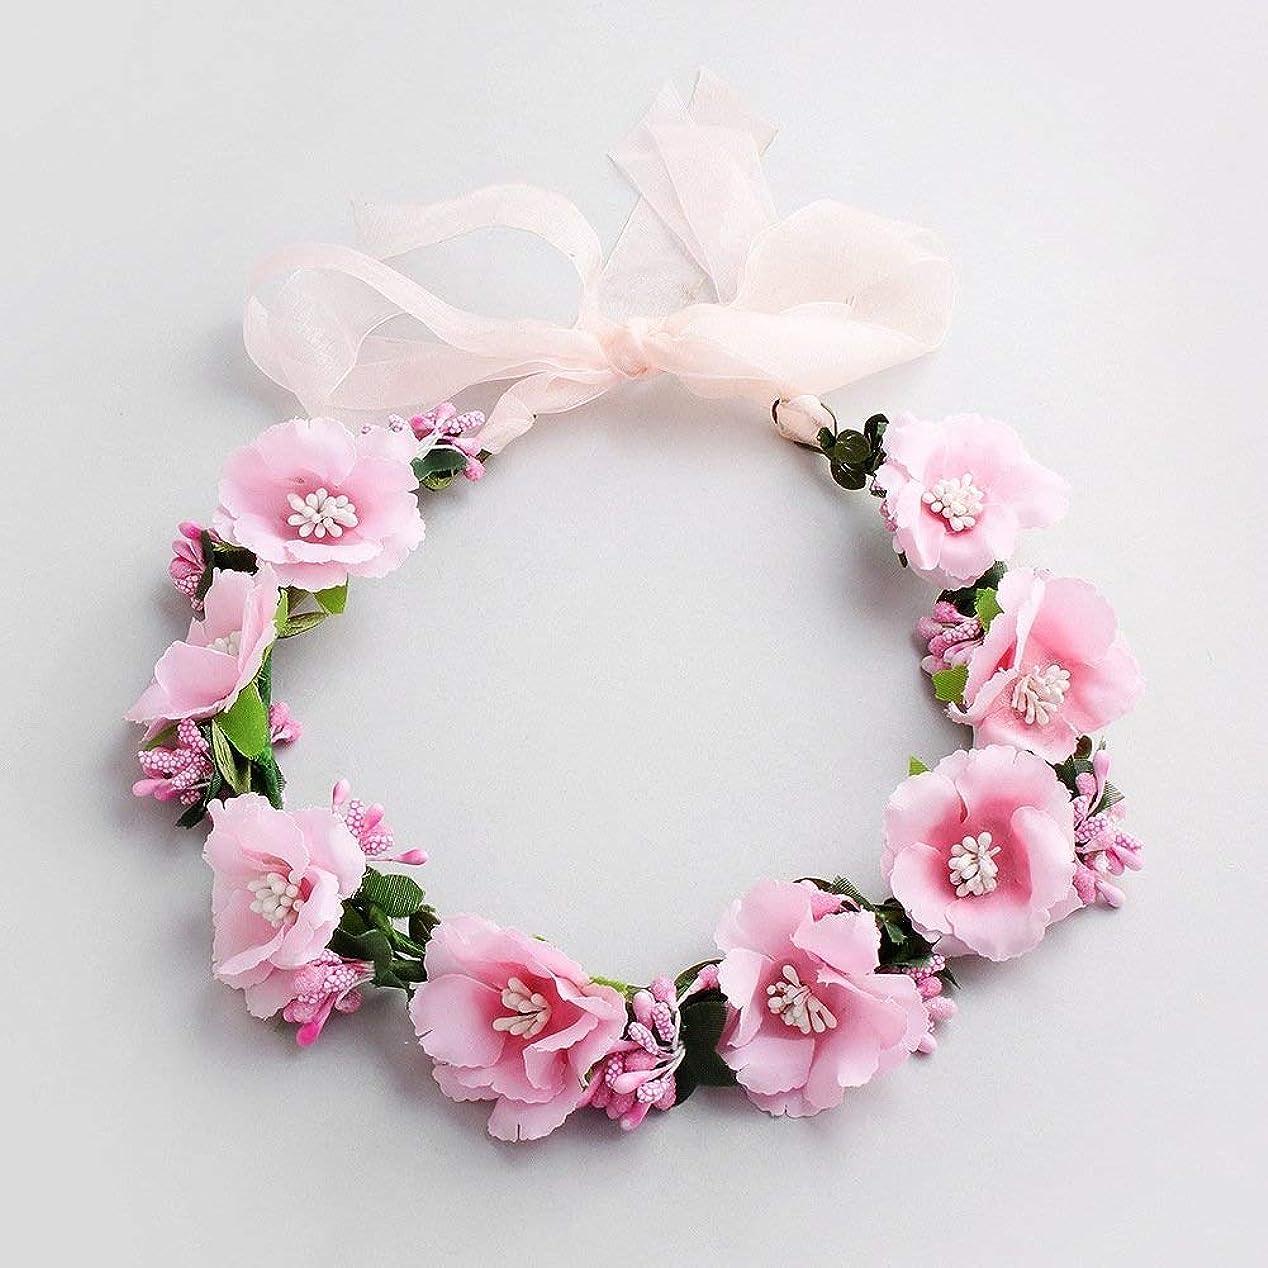 友情西部海里LUOSAI フラワーヘアピンヘッドバンド女性の髪の櫛ファッションアクセサリー(ピンク)ヘアピン